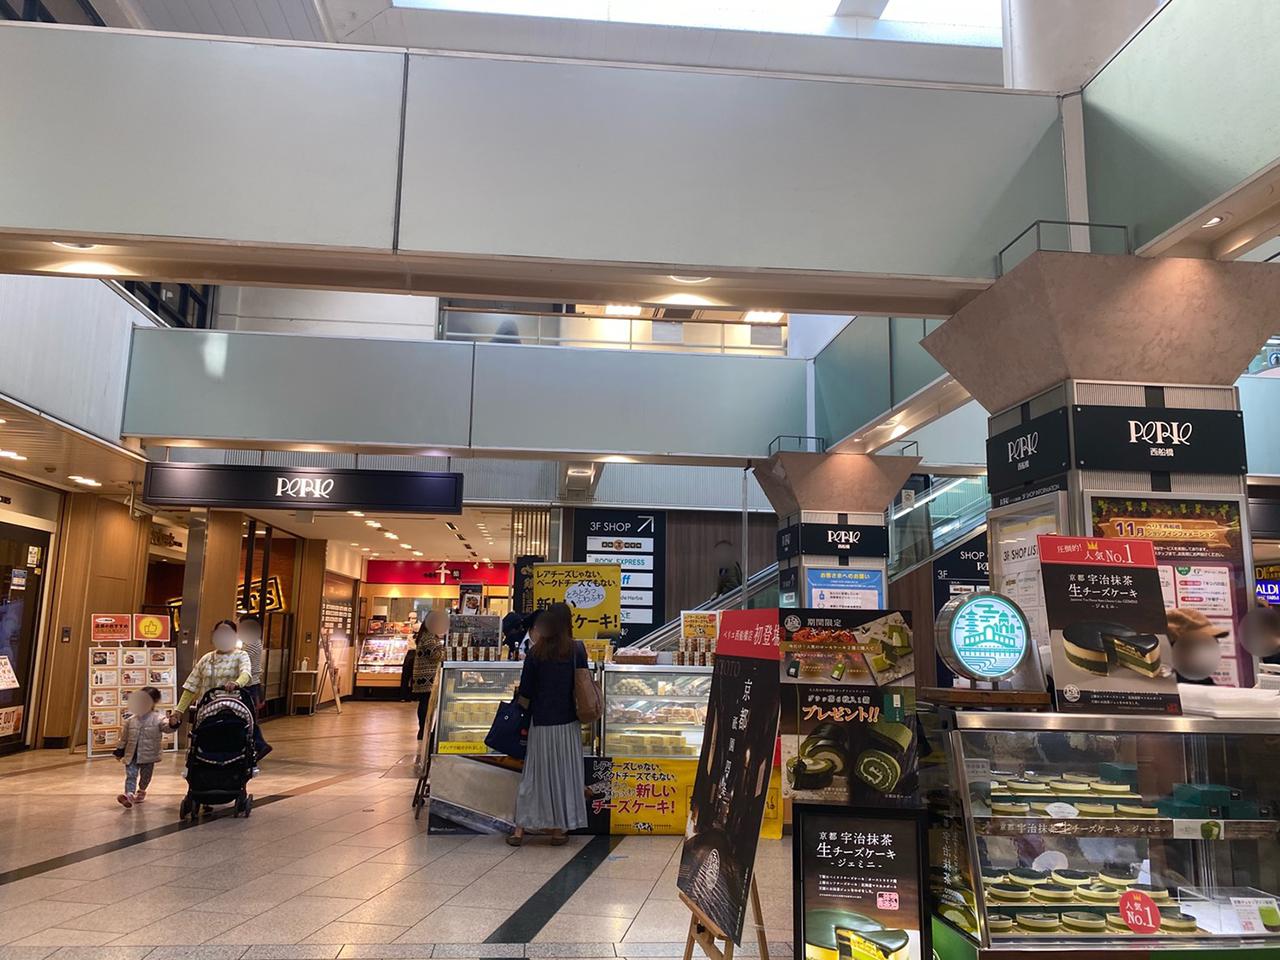 西船橋駅構内の写真